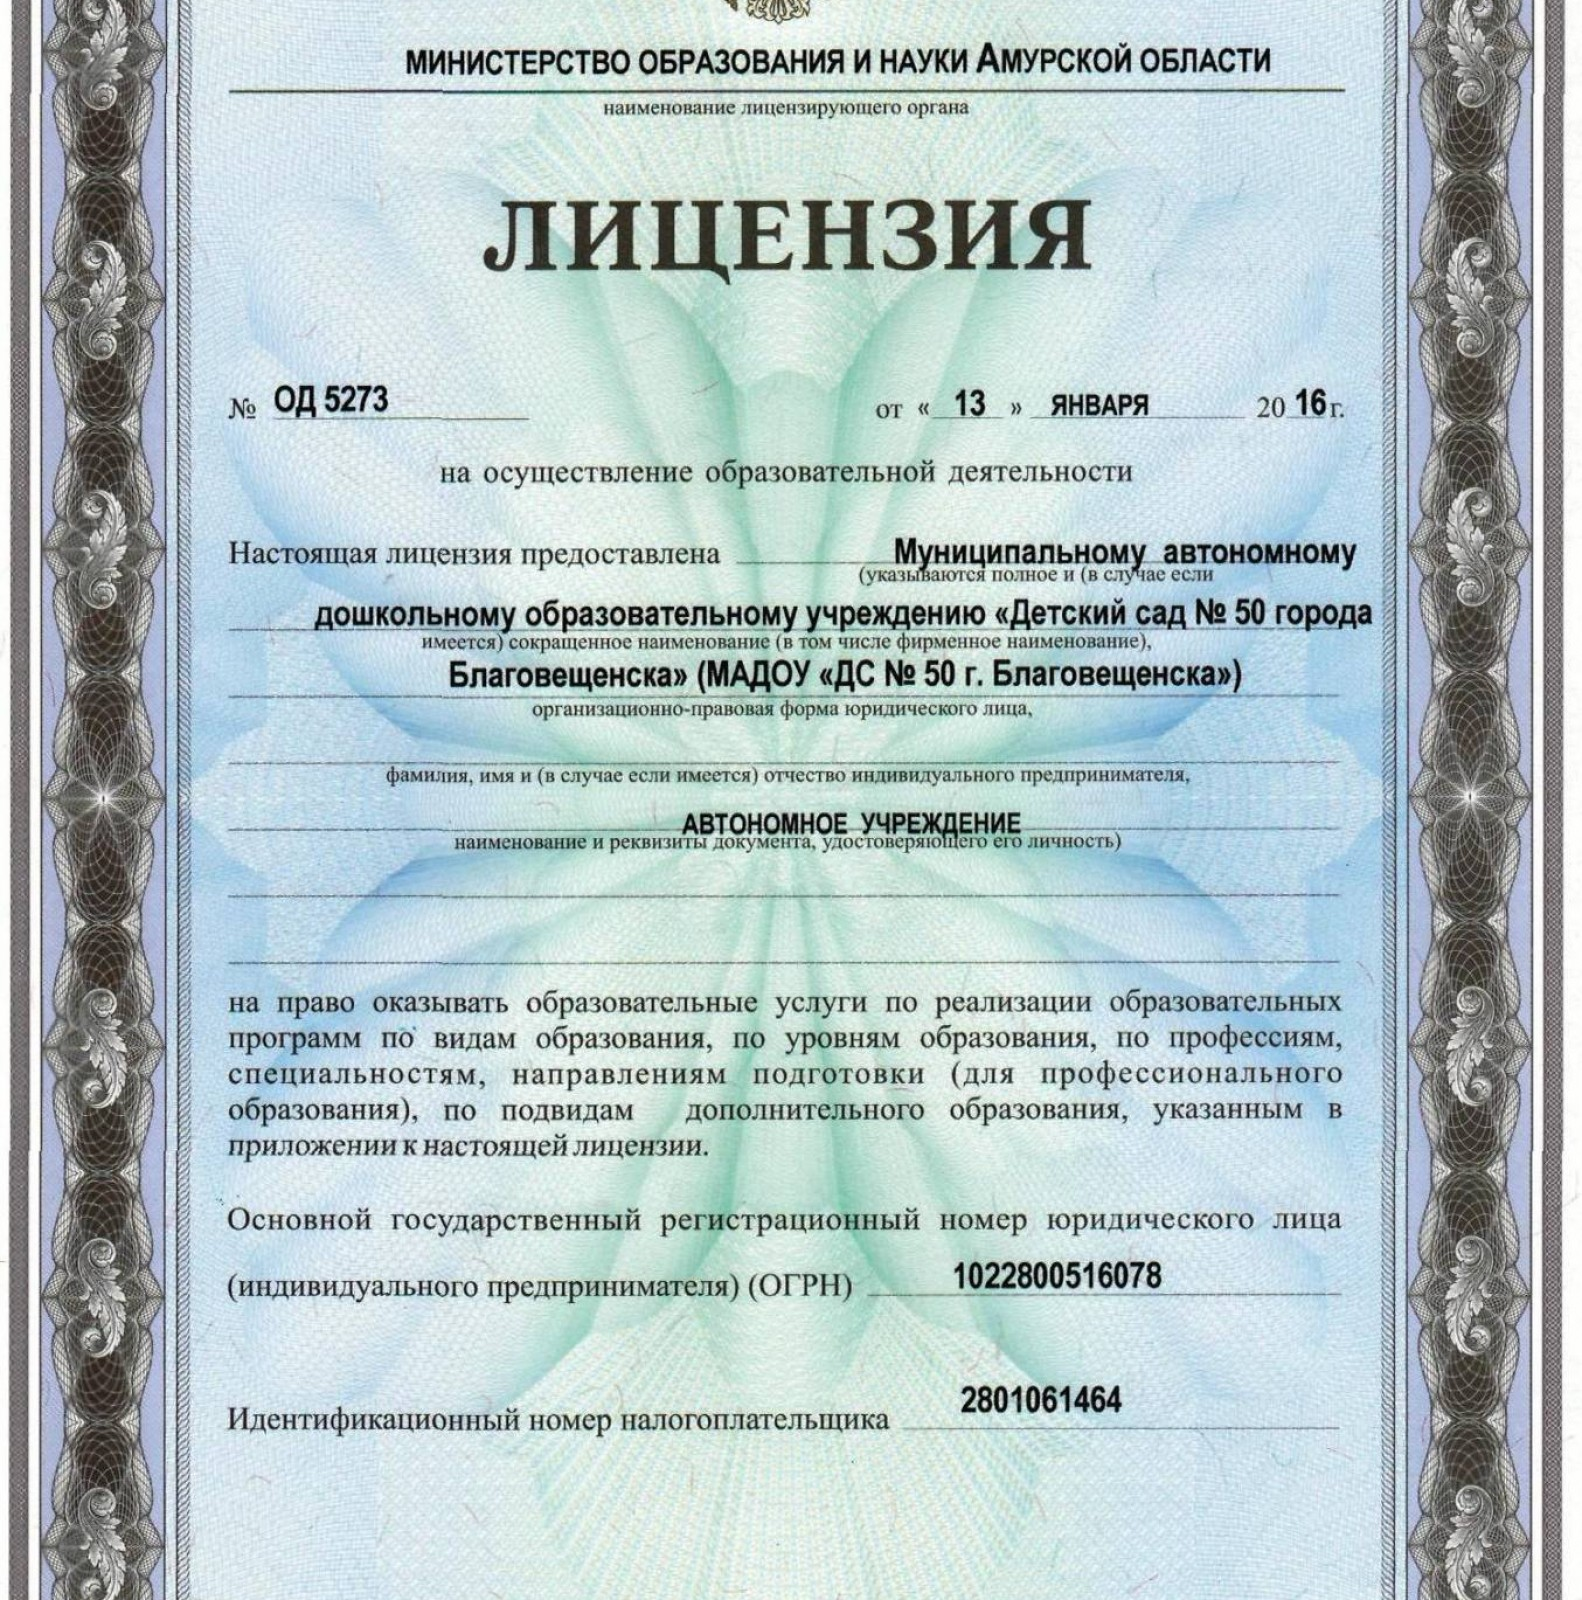 Лицензия на осуществление образовательной деятельности